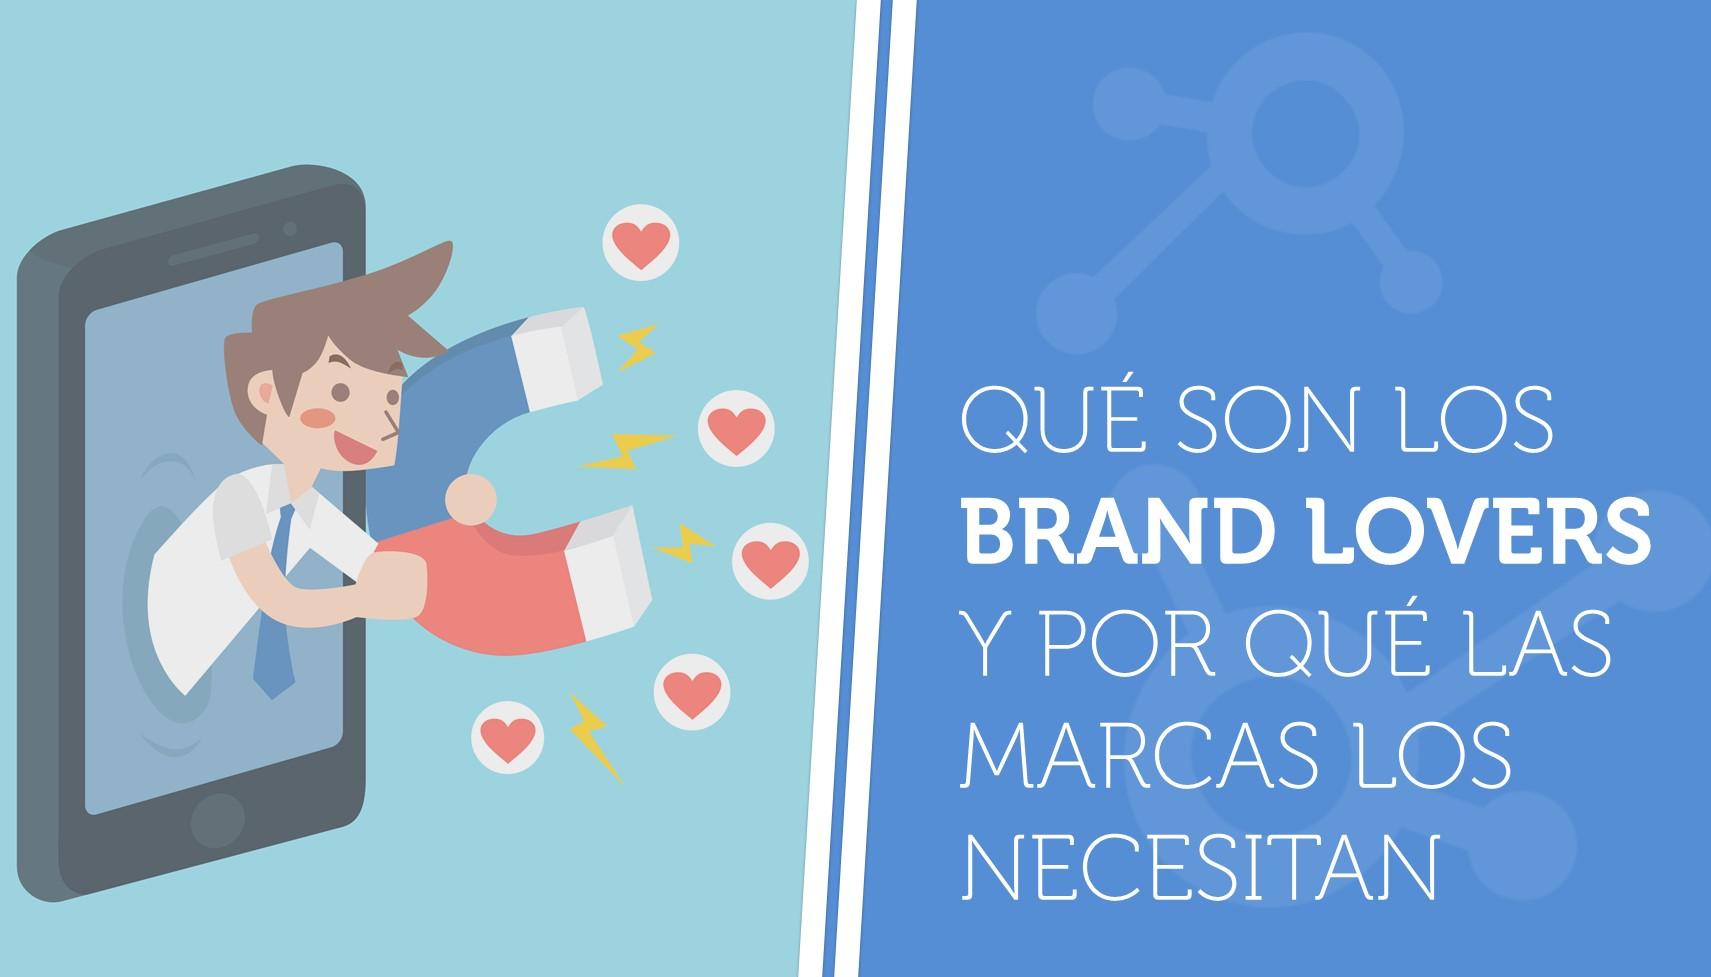 Qué son los brand lovers y por qué las marcas los necesitan